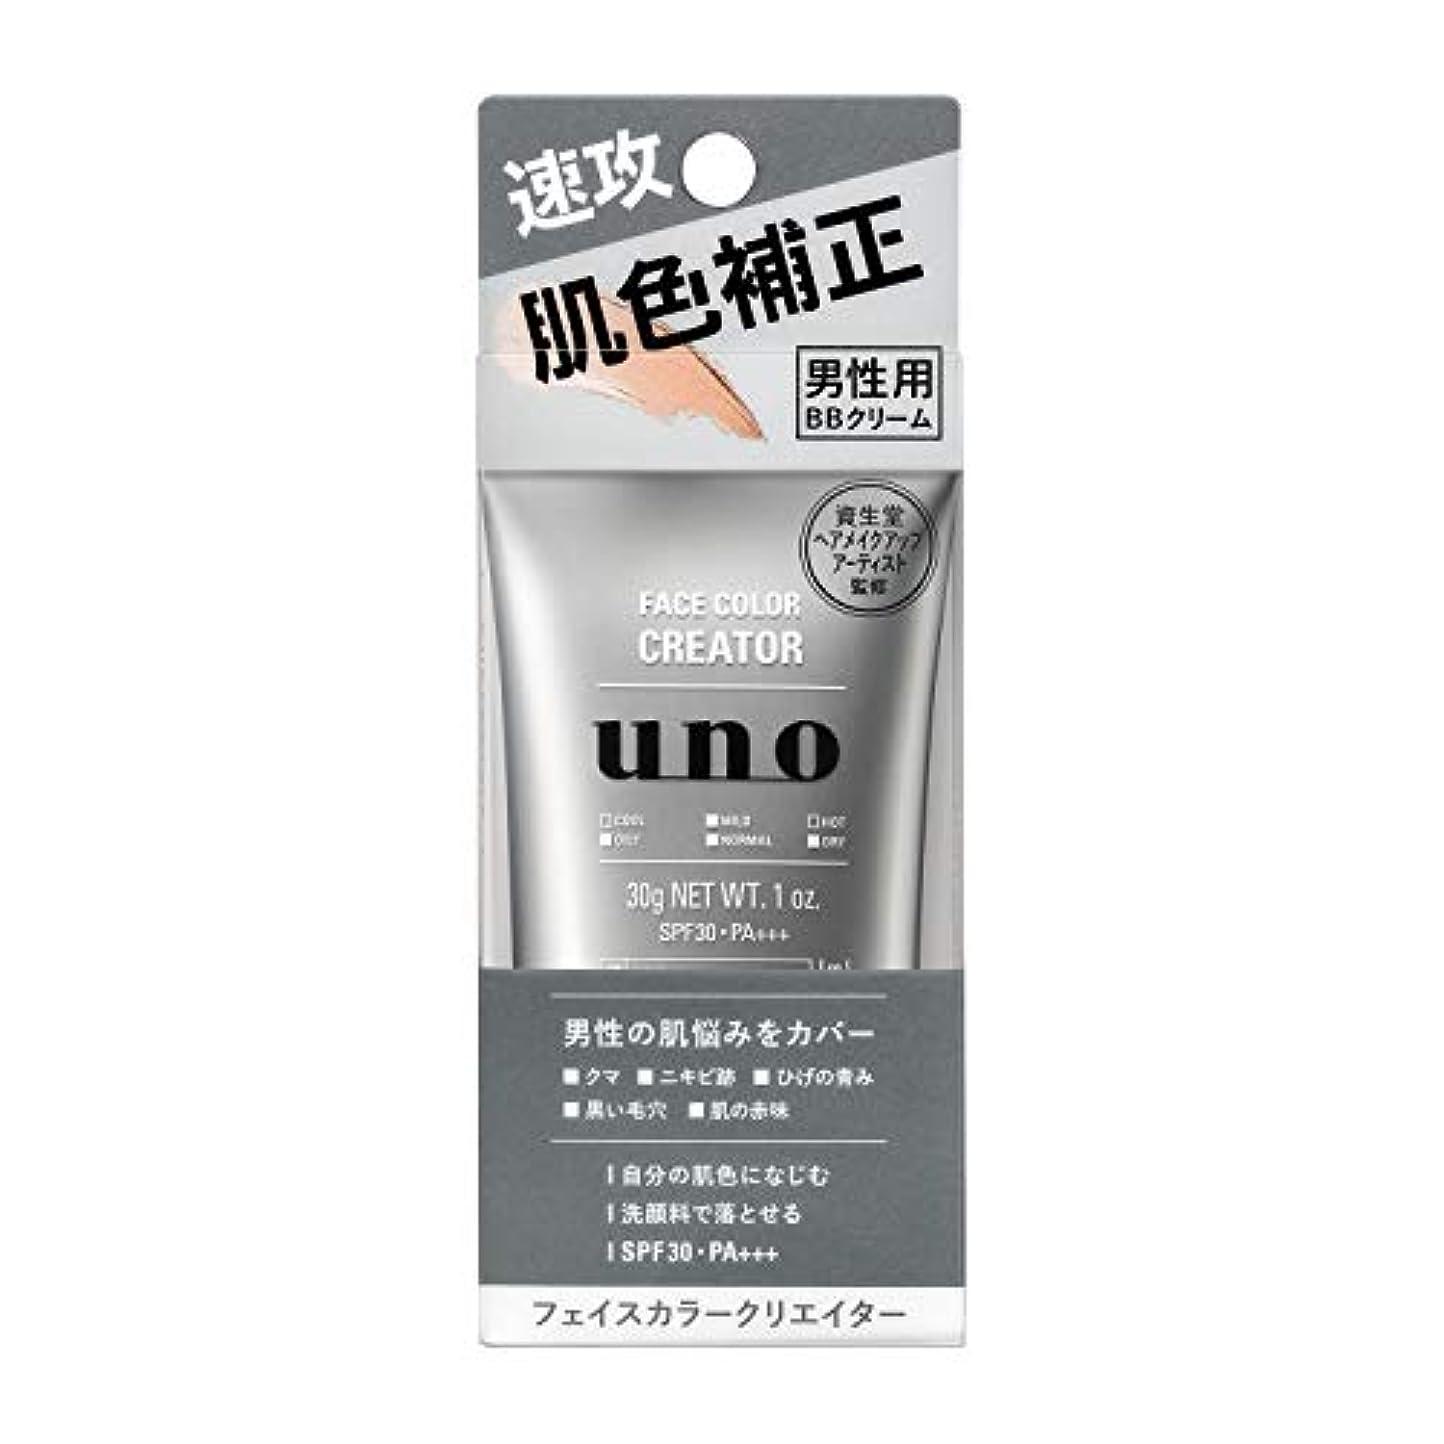 組立イースター取り消すUNO(ウーノ)フェイスカラークリエイター BBクリーム メンズ SPF30 PA+++ 30g